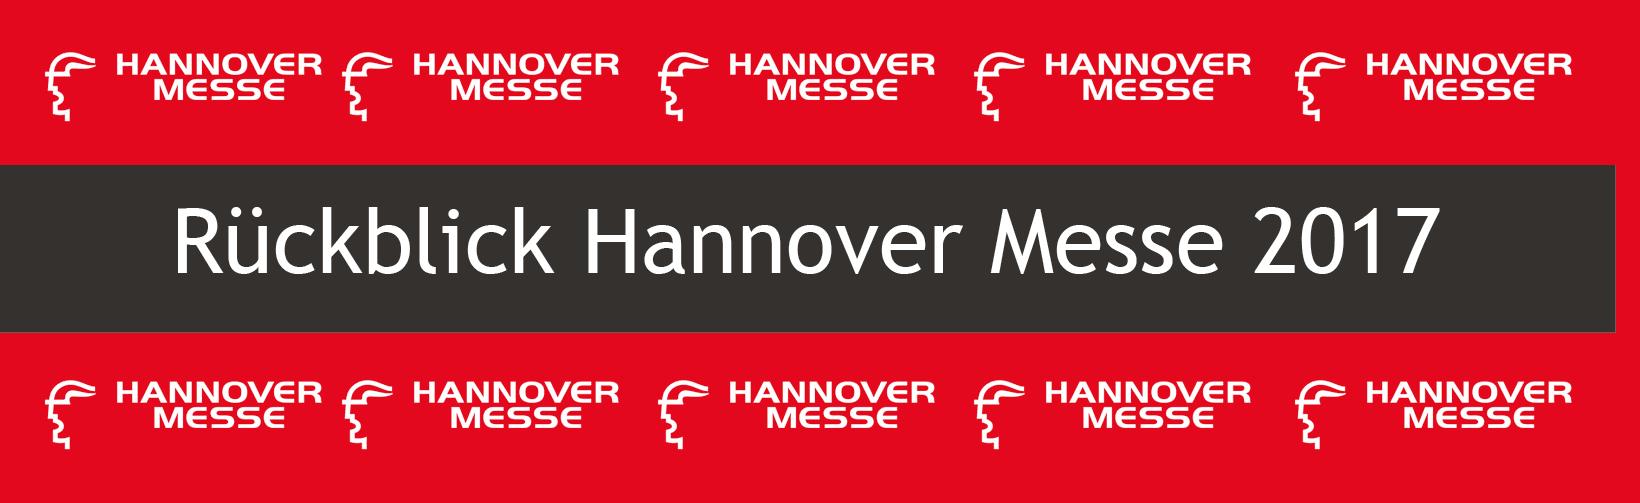 Rückblick zur Hannover Messe 2017